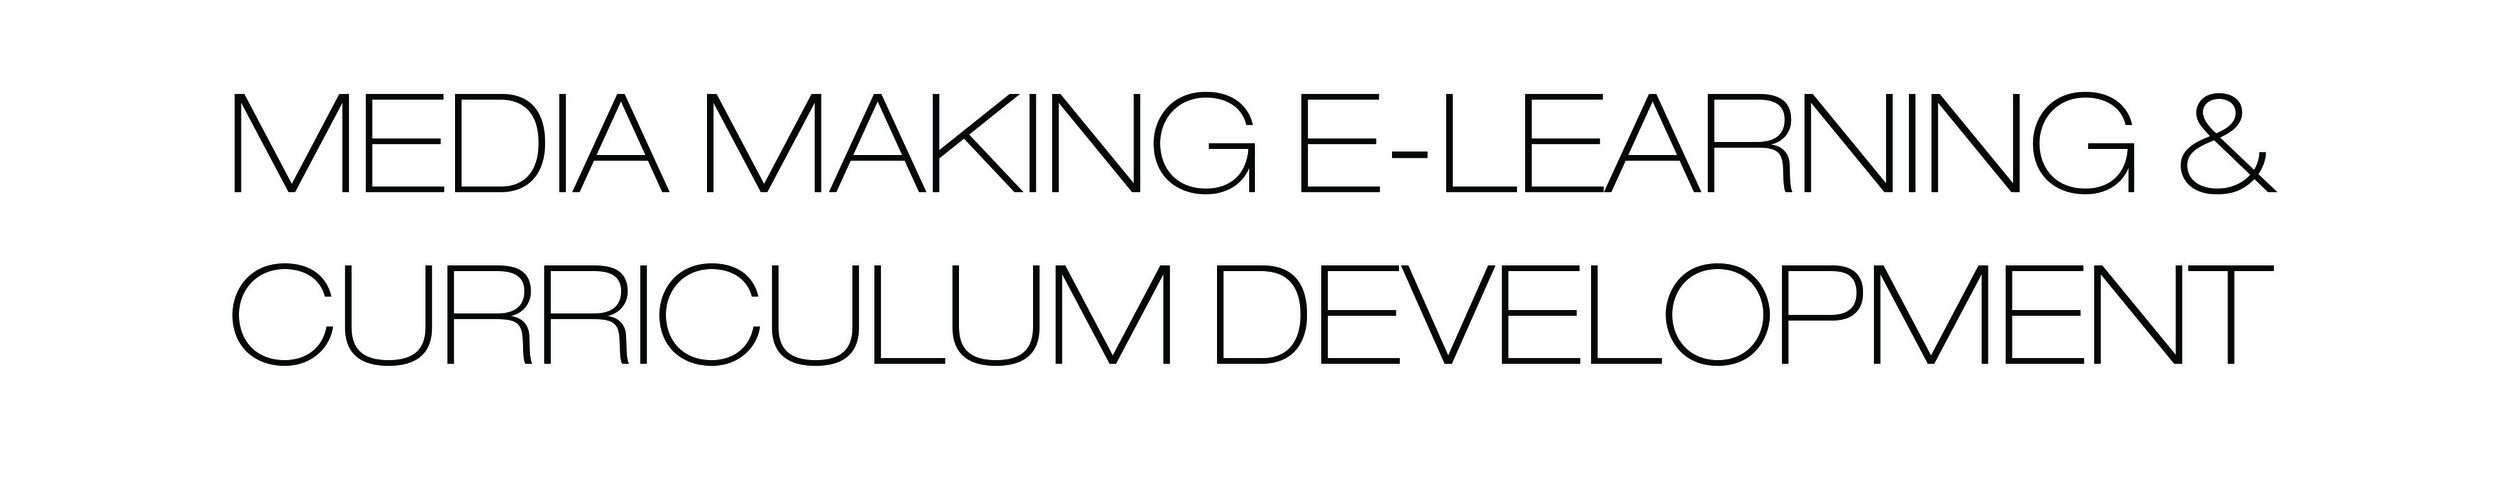 Marketing E-Learninge.jpg